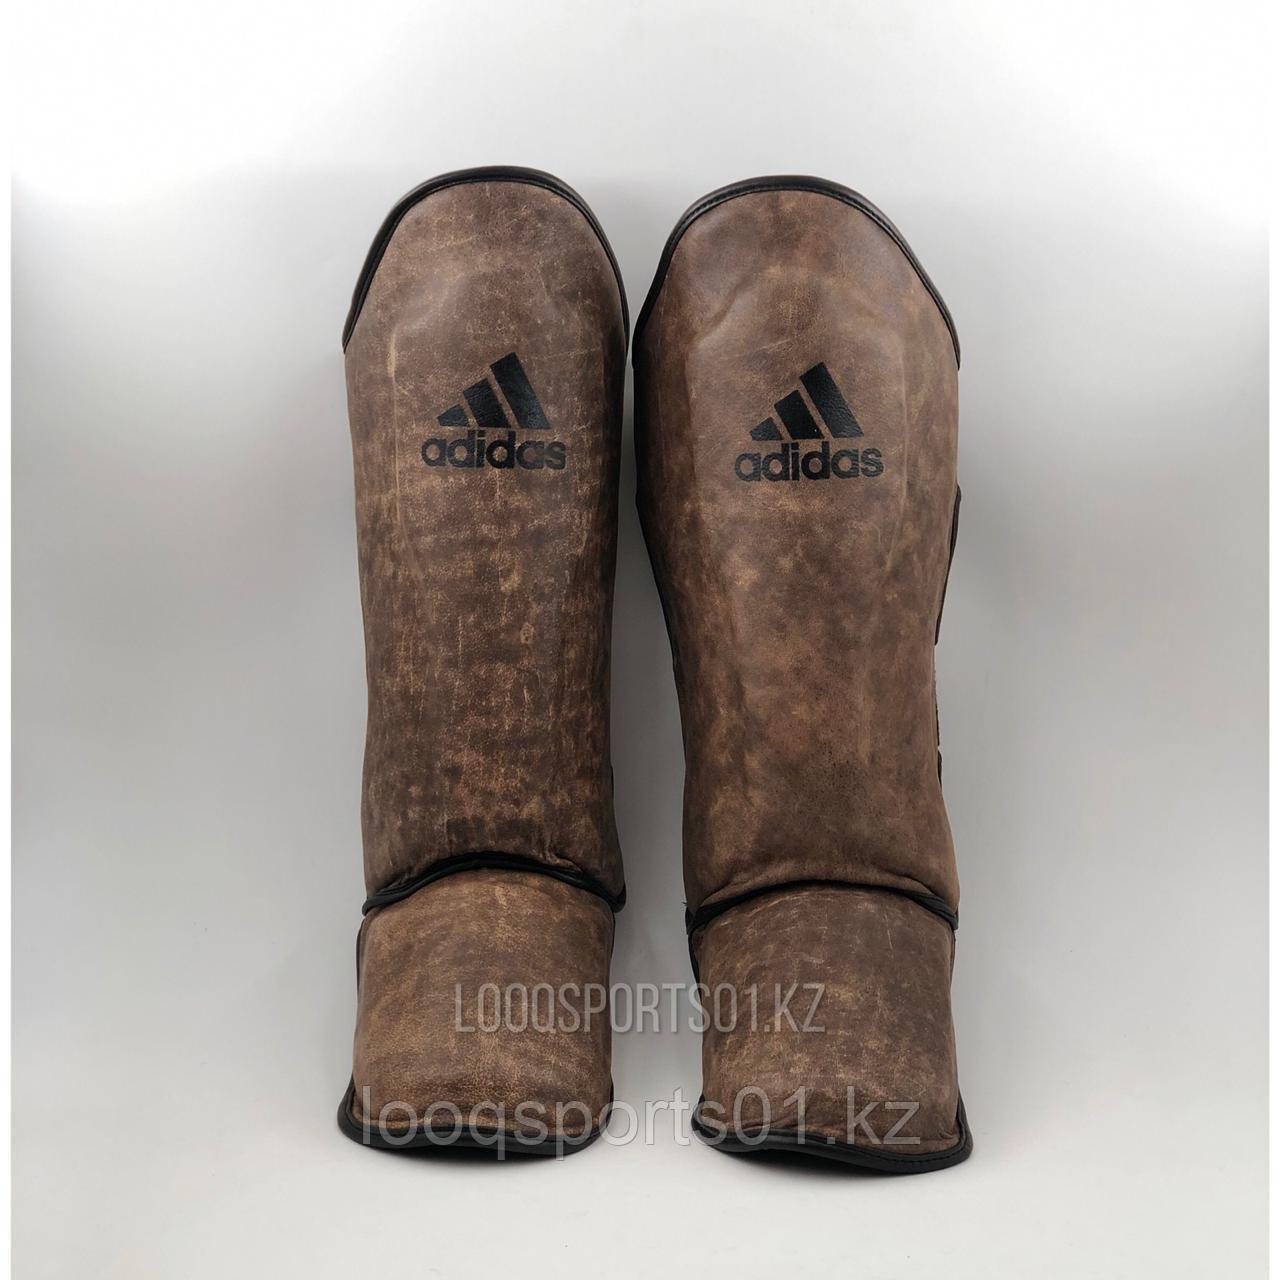 Защита для единоборств, голени и стопы (щитки-футы, киксы) Adidas кожа